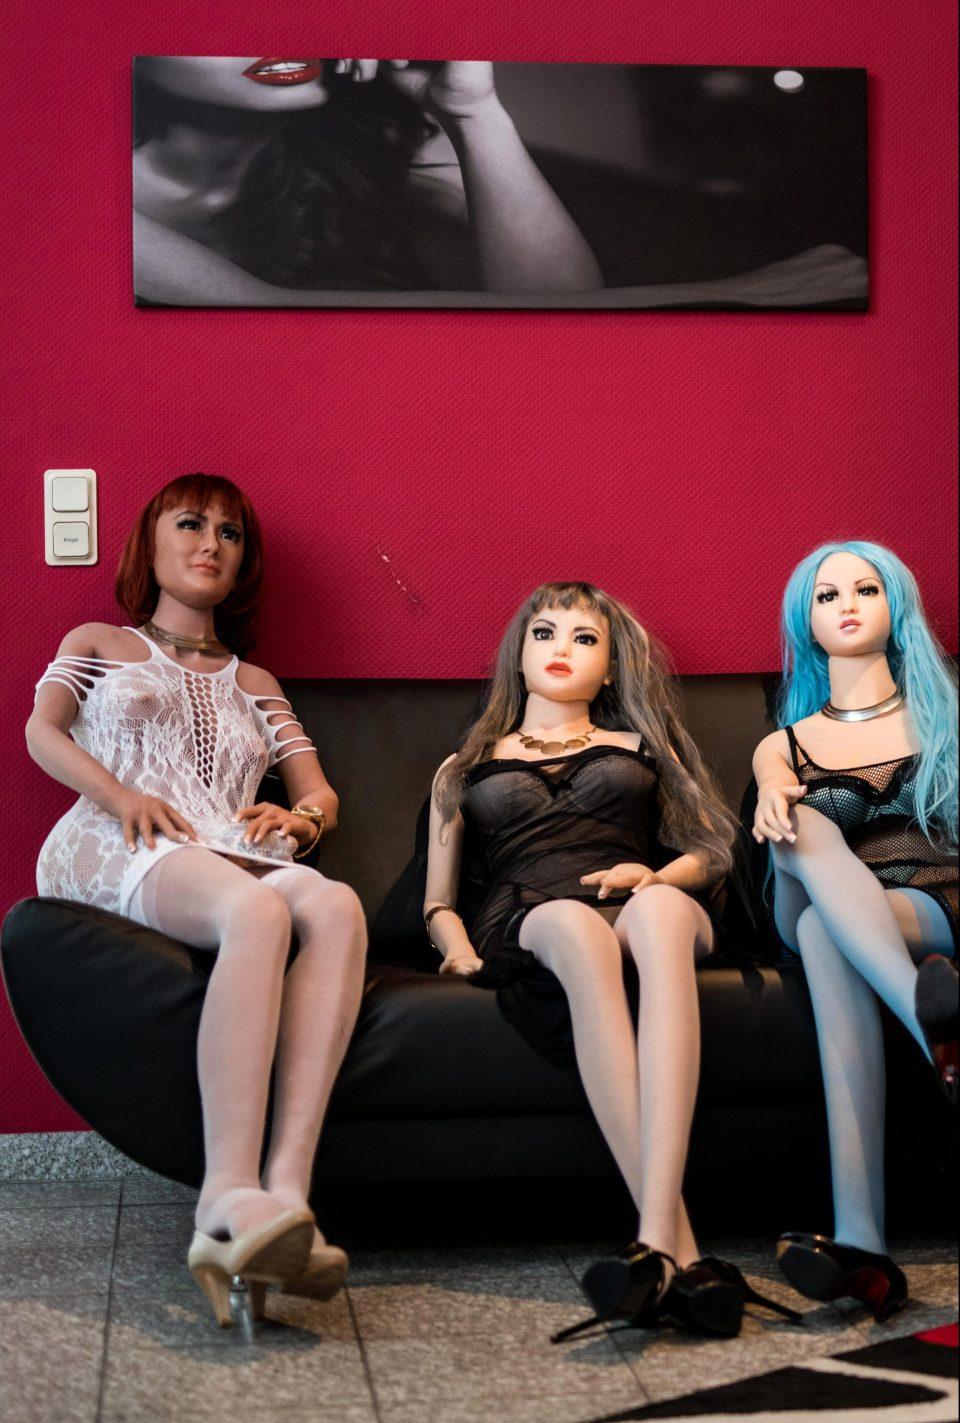 Первый в Германии бордель с секс-куклами